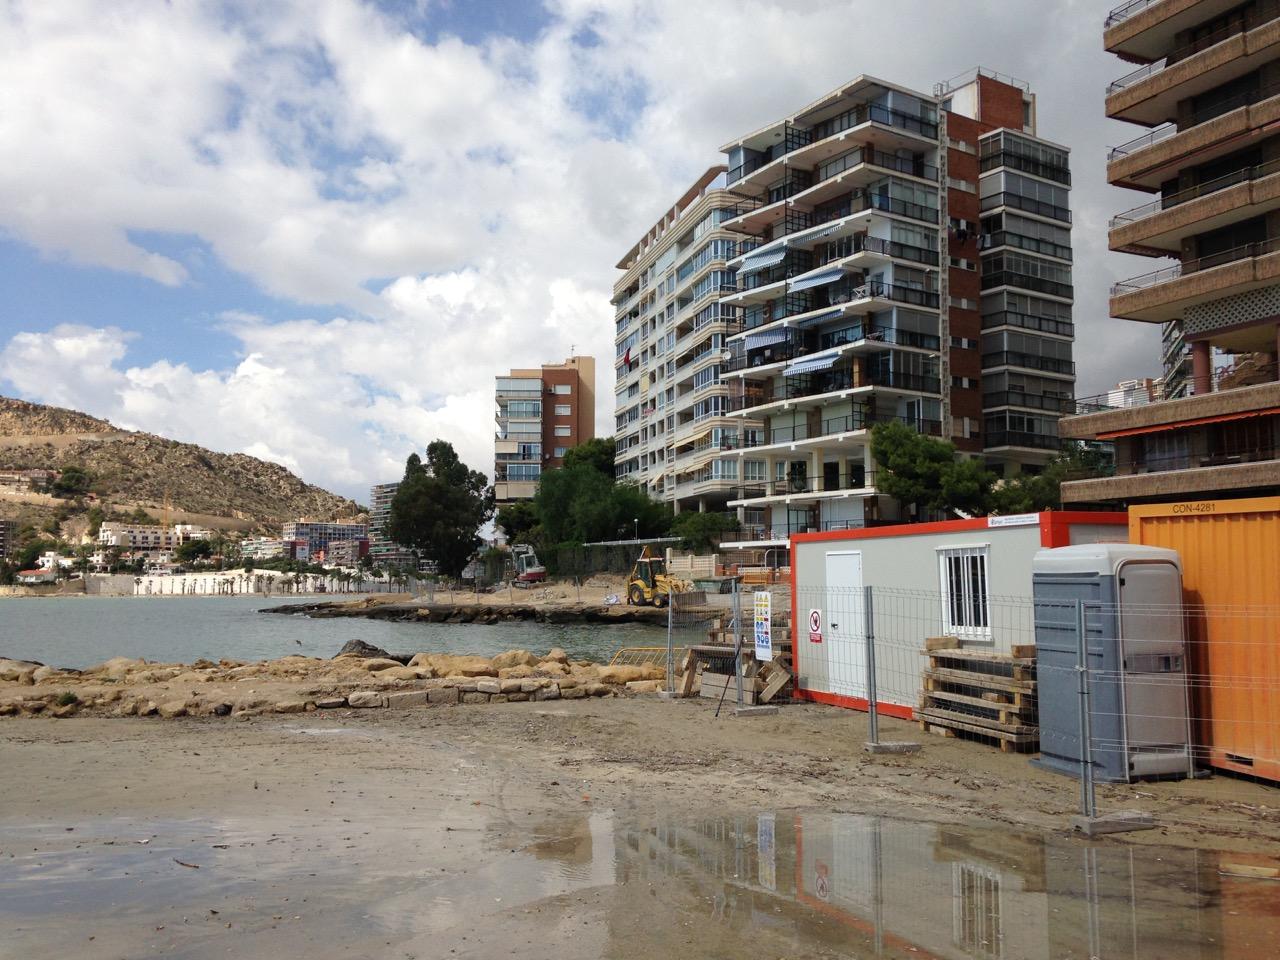 Imágenes de las obras en La Albufereta